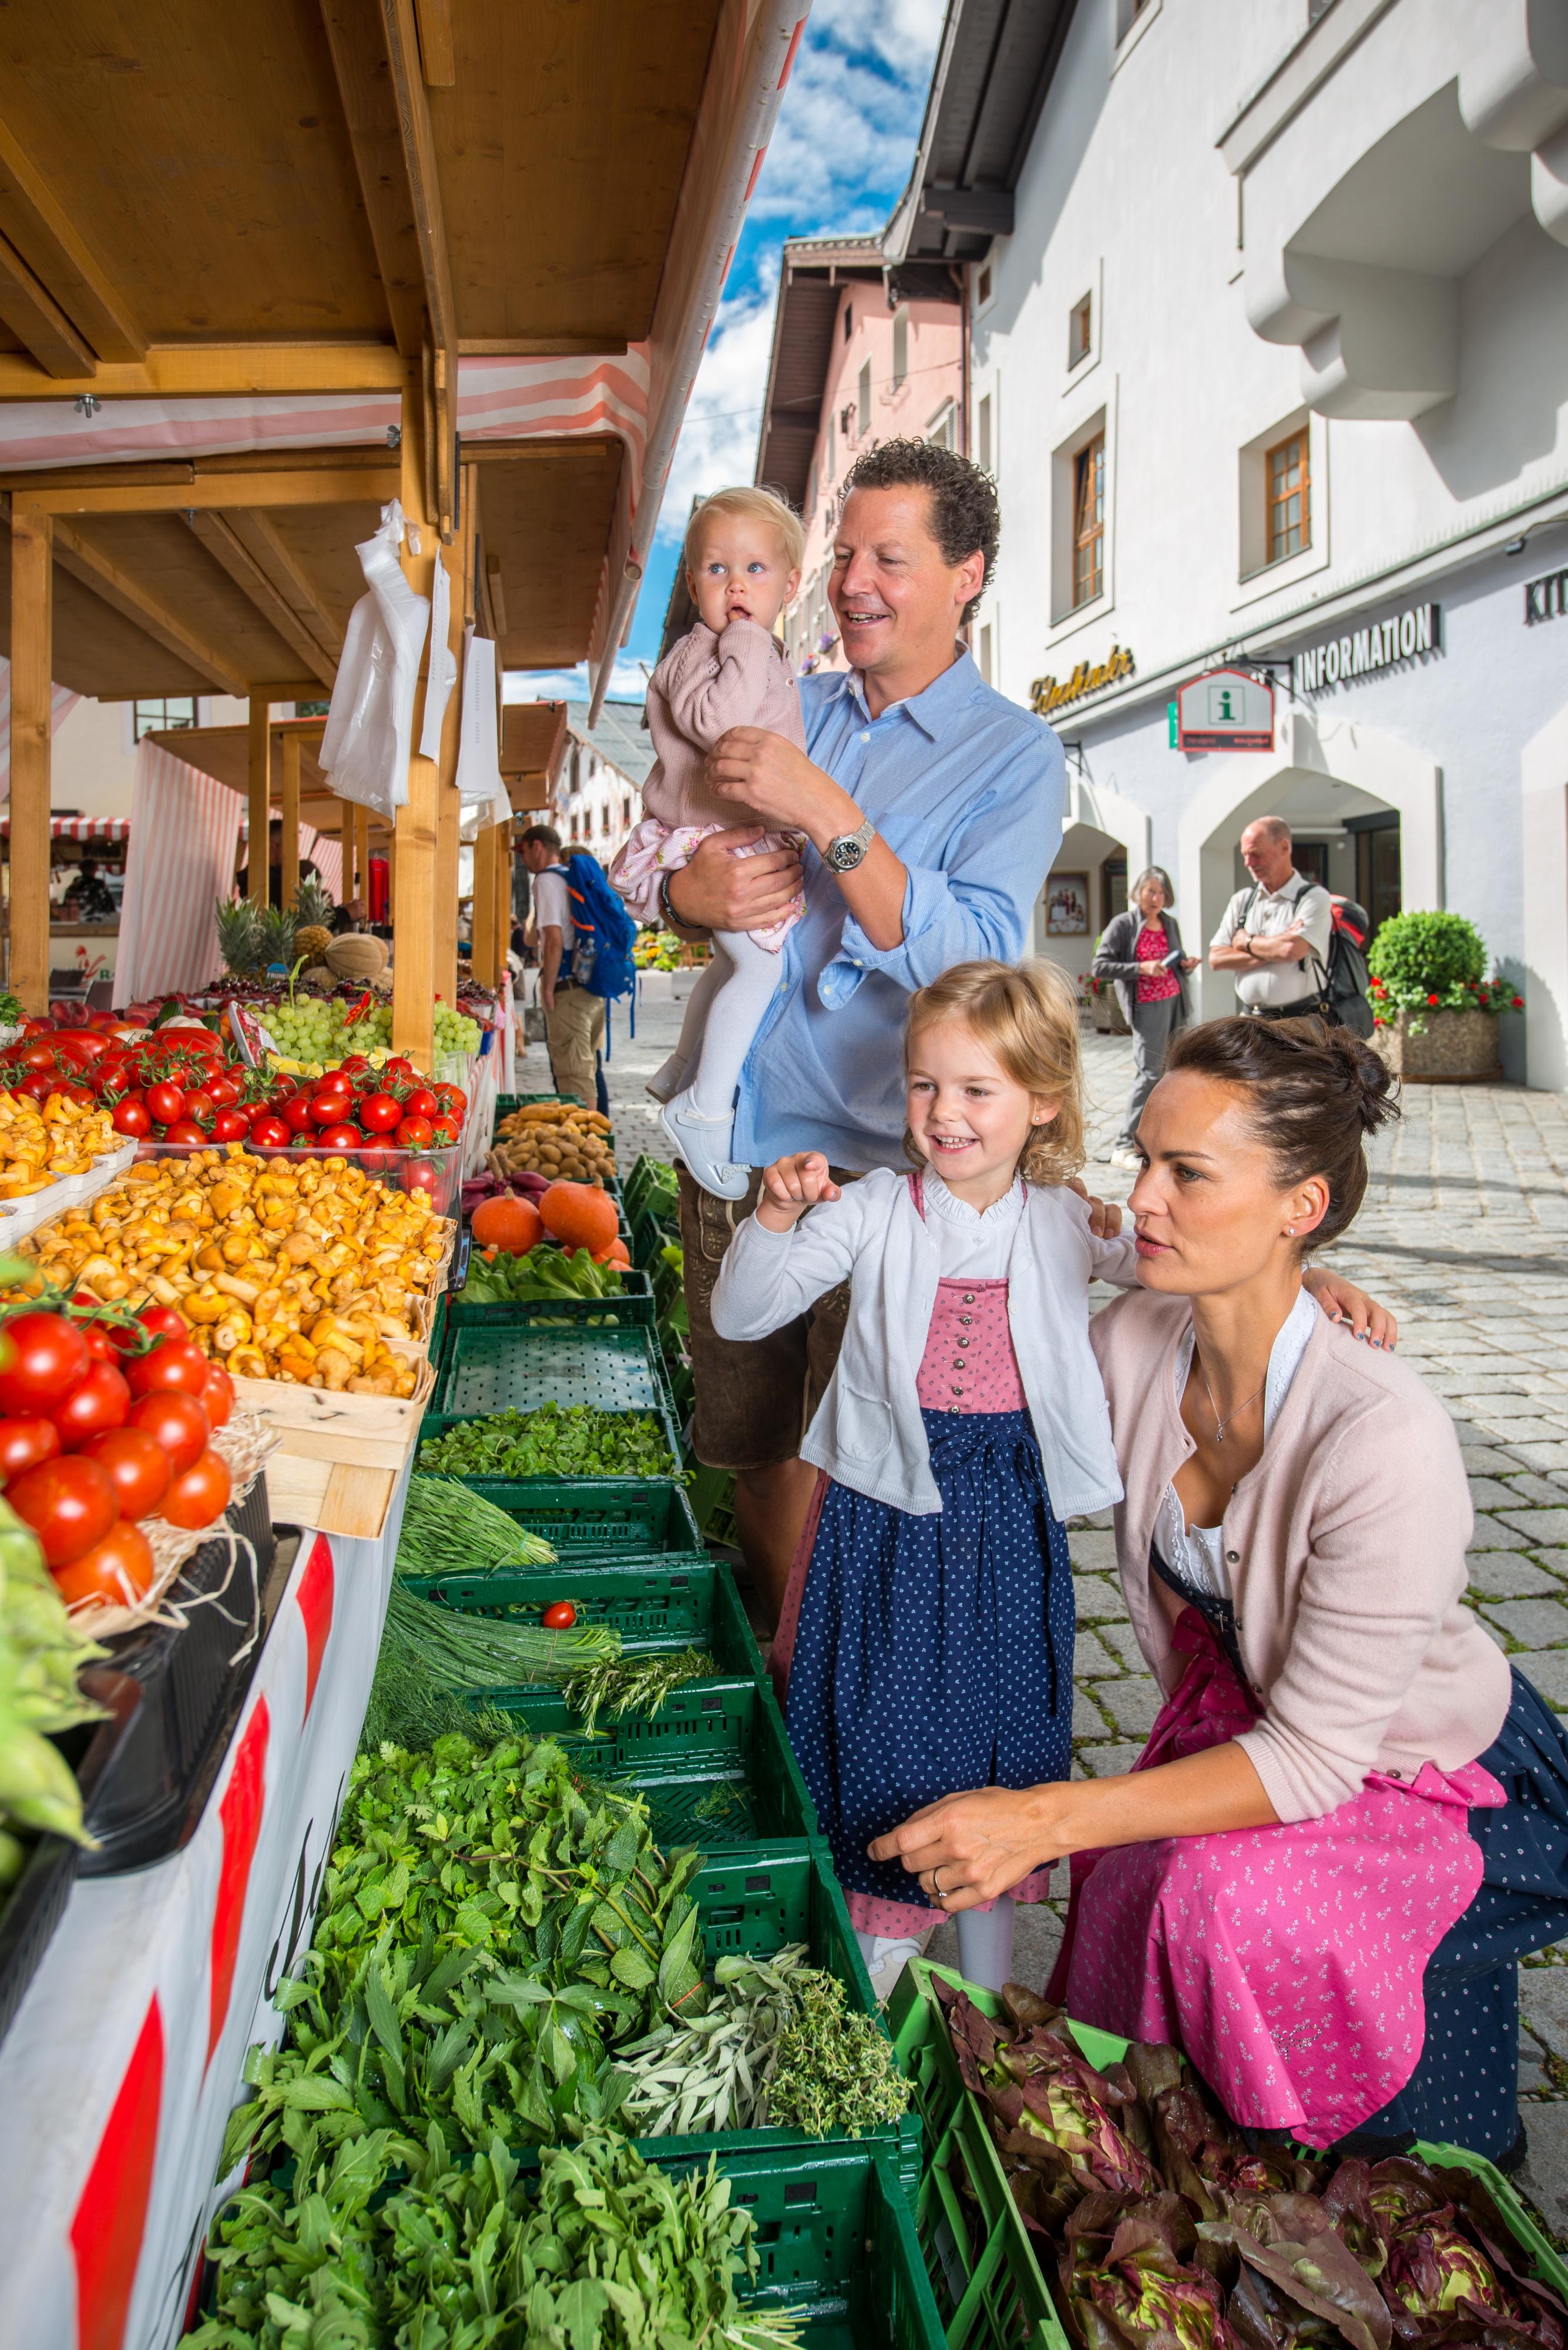 Familie Kinder Mutter Vater Markt Kitzbühel